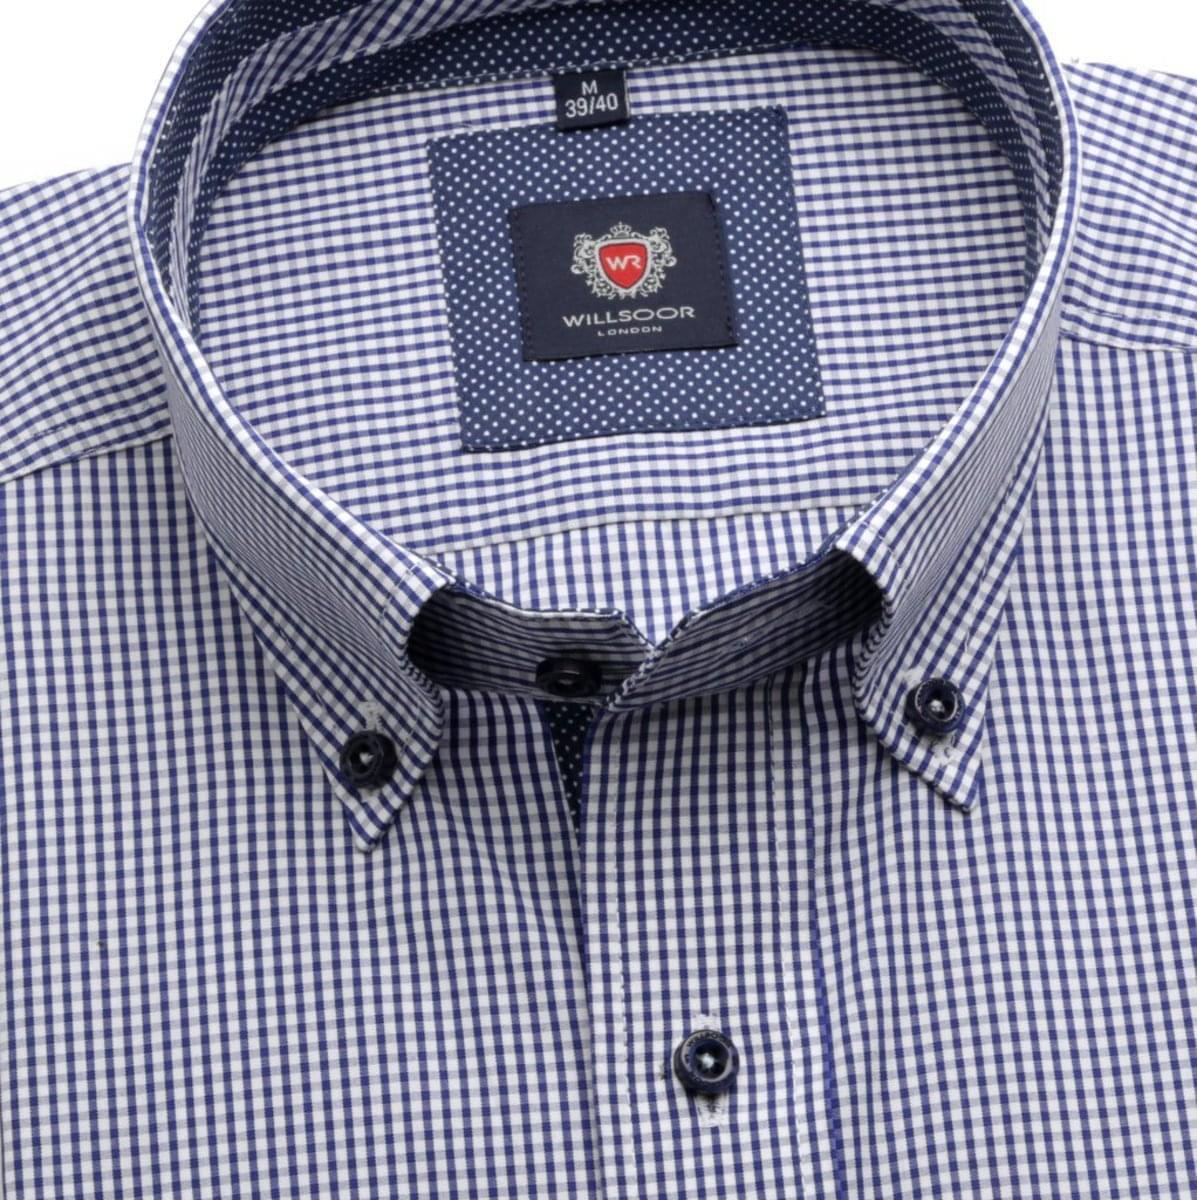 Pánská klasická košile London (výška 164-170) 6075 s bílo-modrou kostkou a formulí Easy Care 164-170 / L (41/42)